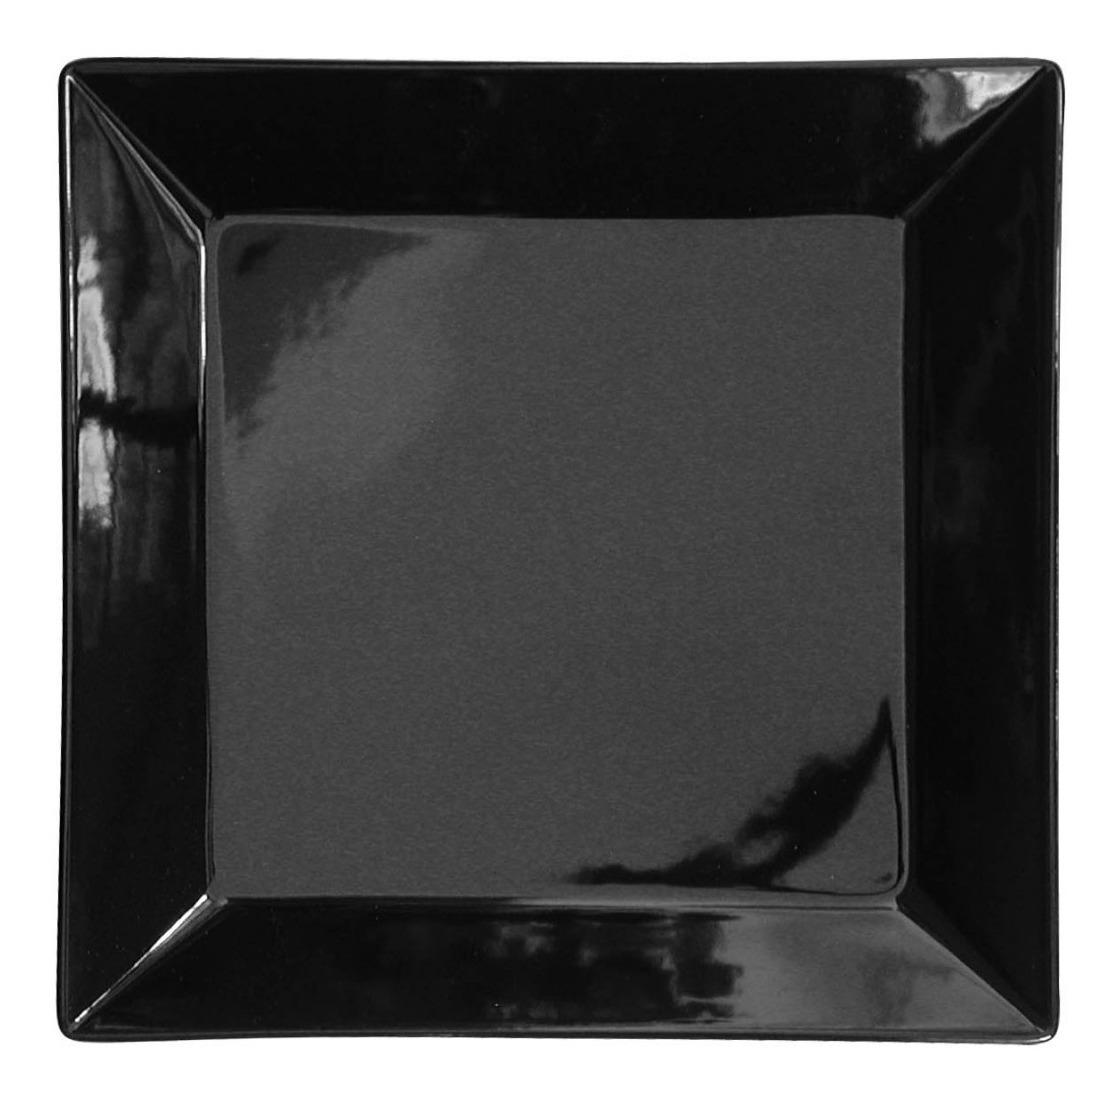 Plato Playo Cuadrado Grande 26 8 Cm Porcelana Negra Oxford